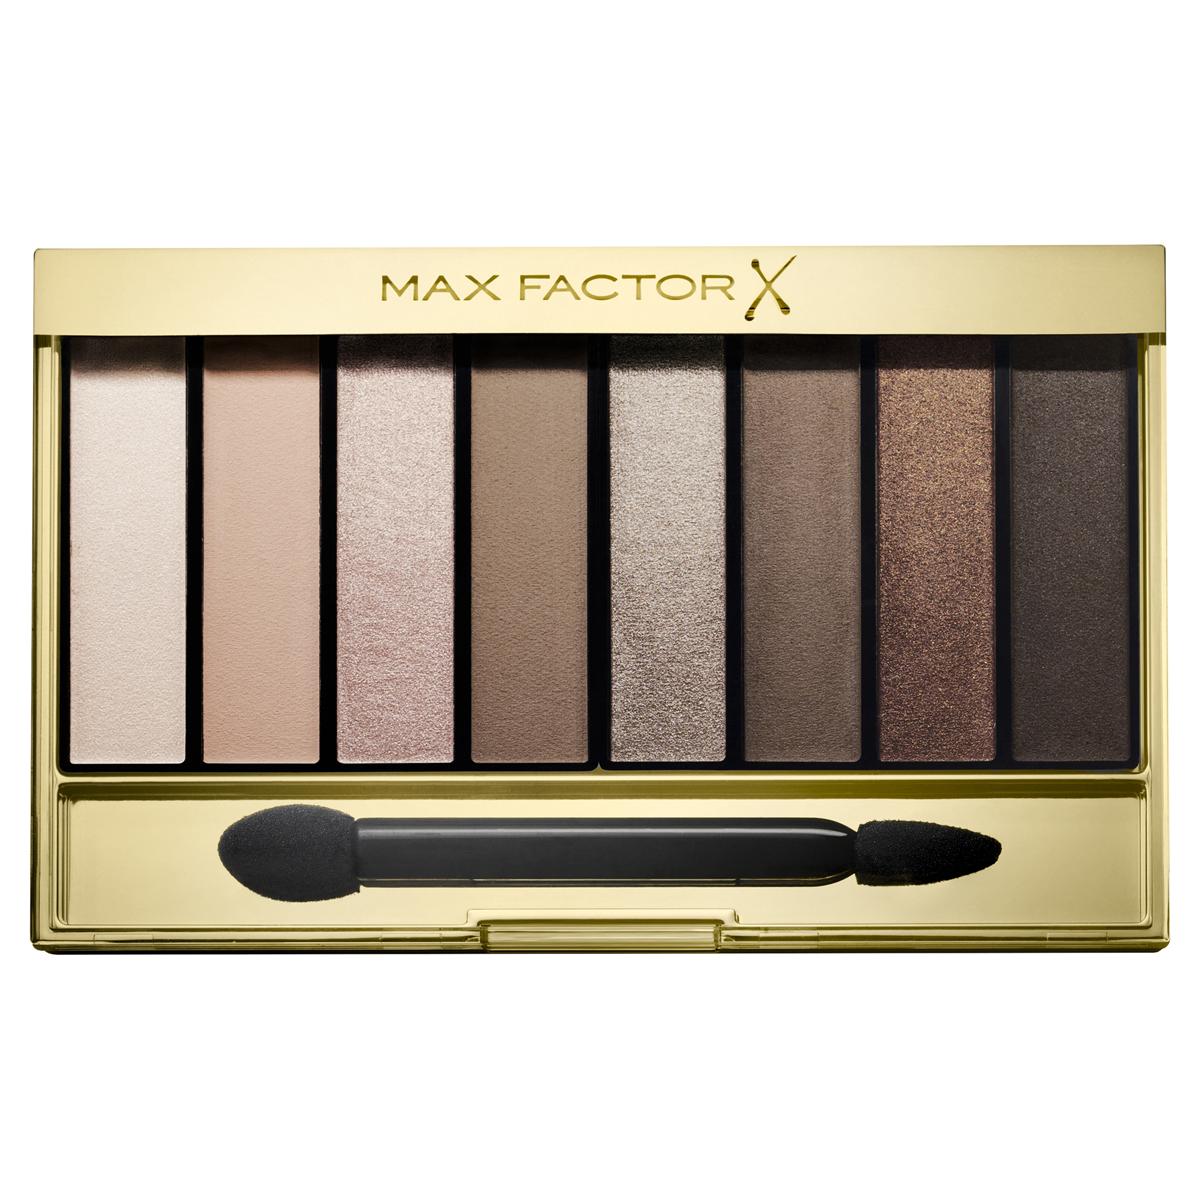 Max Factor Тени для век Masterpiece Nude Palette, Тон 01 cappuccino81597878Max Factor Masterpiece Nude Palette— это универсальная палитра теней для придания выразительности глазам. Благодаря восьми идеально подобранным оттенкам ты можешь создать гламурный макияж глаз в стиле «нюд». Идеально подобранные оттенки теней, от приглушенных до насыщенных, позволяют подчеркнуть выразительность глаз, создавая множество образов— от повседневных нюдовых до соблазнительных смоки. Формула: Запеченные тени отдают больше пигмента для более яркого, насыщенного цвета. Тени из палетки легко накладываются и имеют бархатистую текстуру. Они делятся на матовые, шиммерные и блестящие. Выбери из трех палеток ту, которая подходит твоему тону кожи. Найди палитру, которая идеально подходит для твоего тона кожи: Cappuccino Nudes для теплых тонов кожи; Rose Nudes для холодных тонов кожи; Golden Nudes для темных тонов кожи.